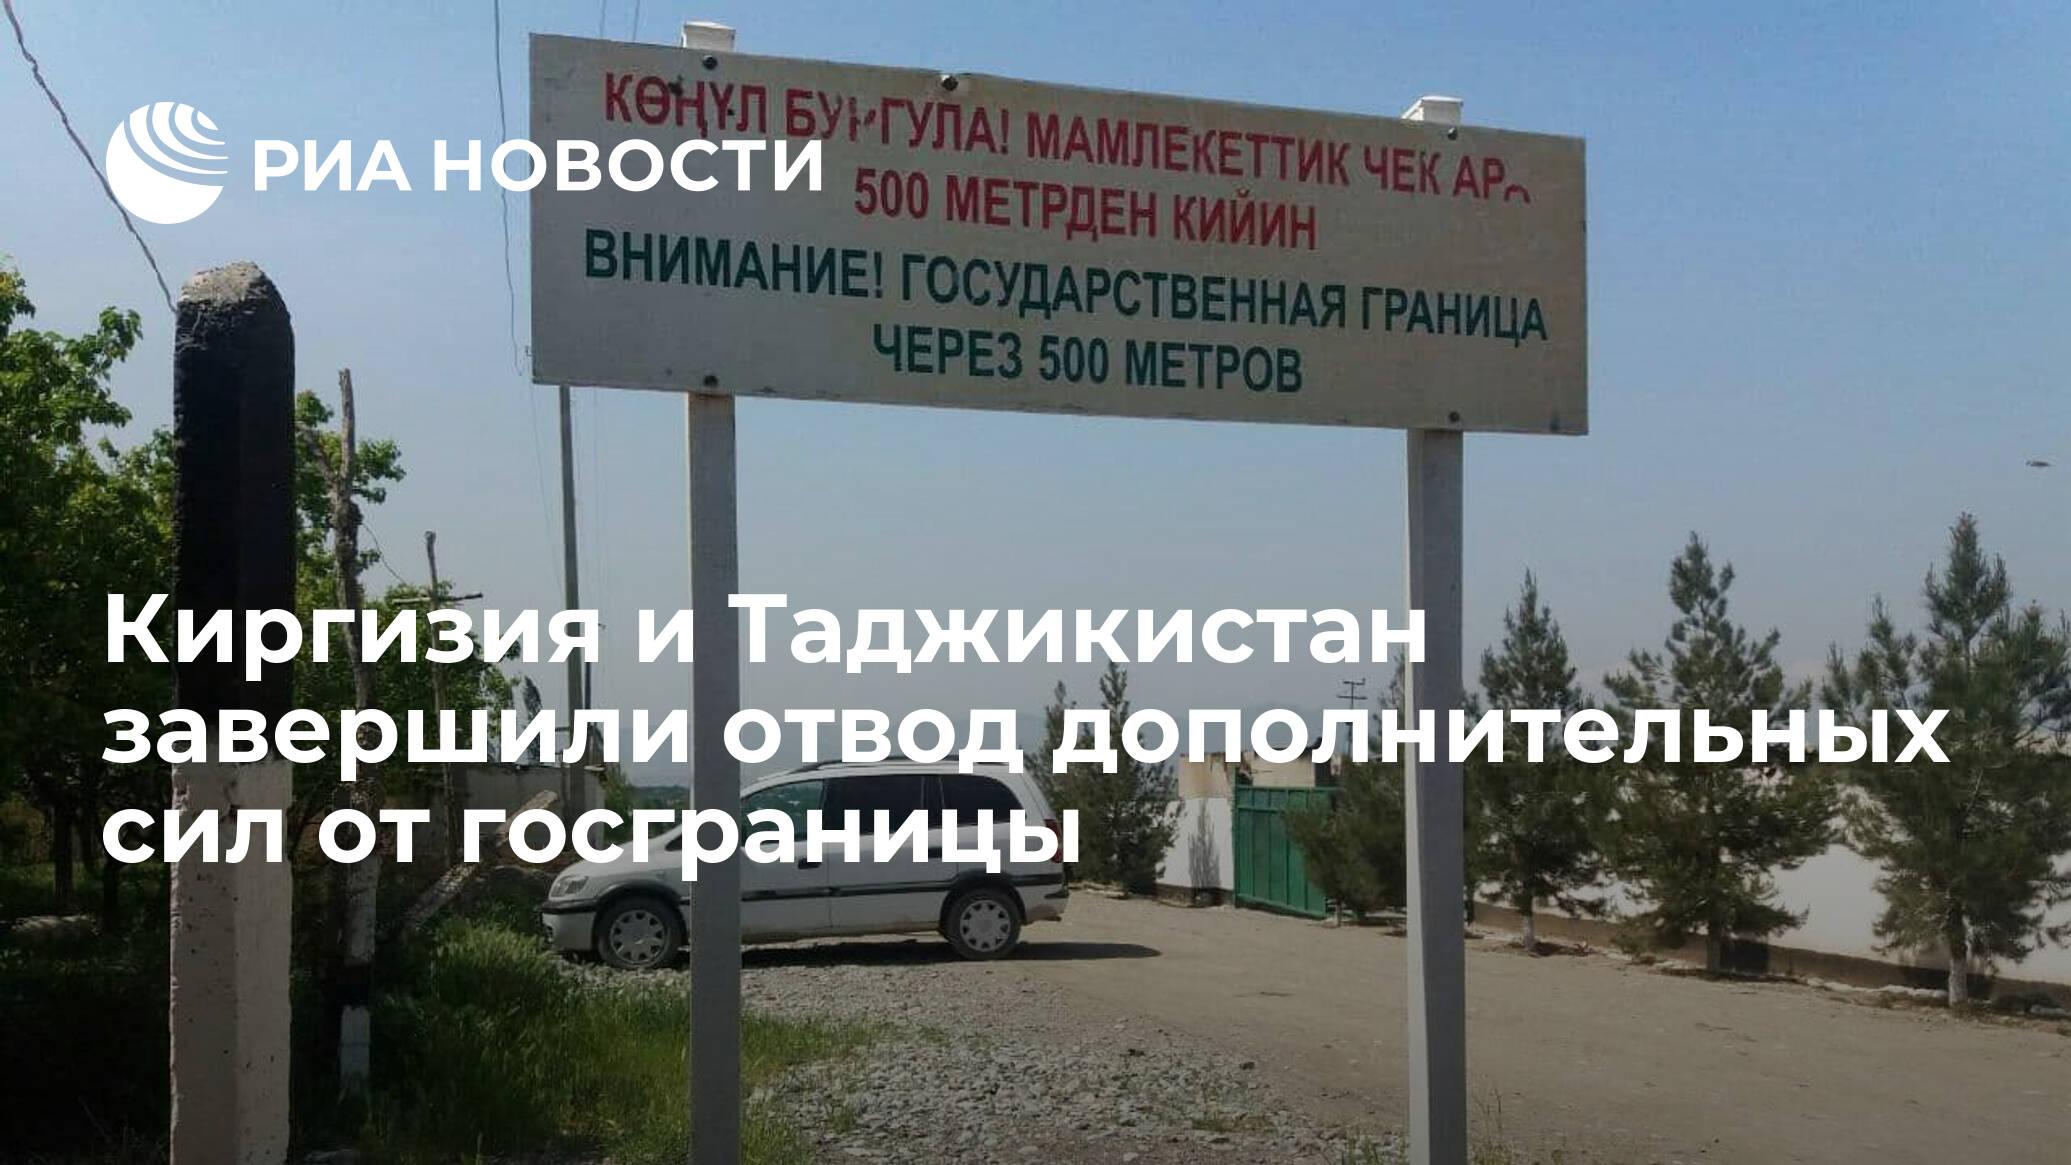 Киргизия и Таджикистан завершили отвод дополнительных сил от госграницы